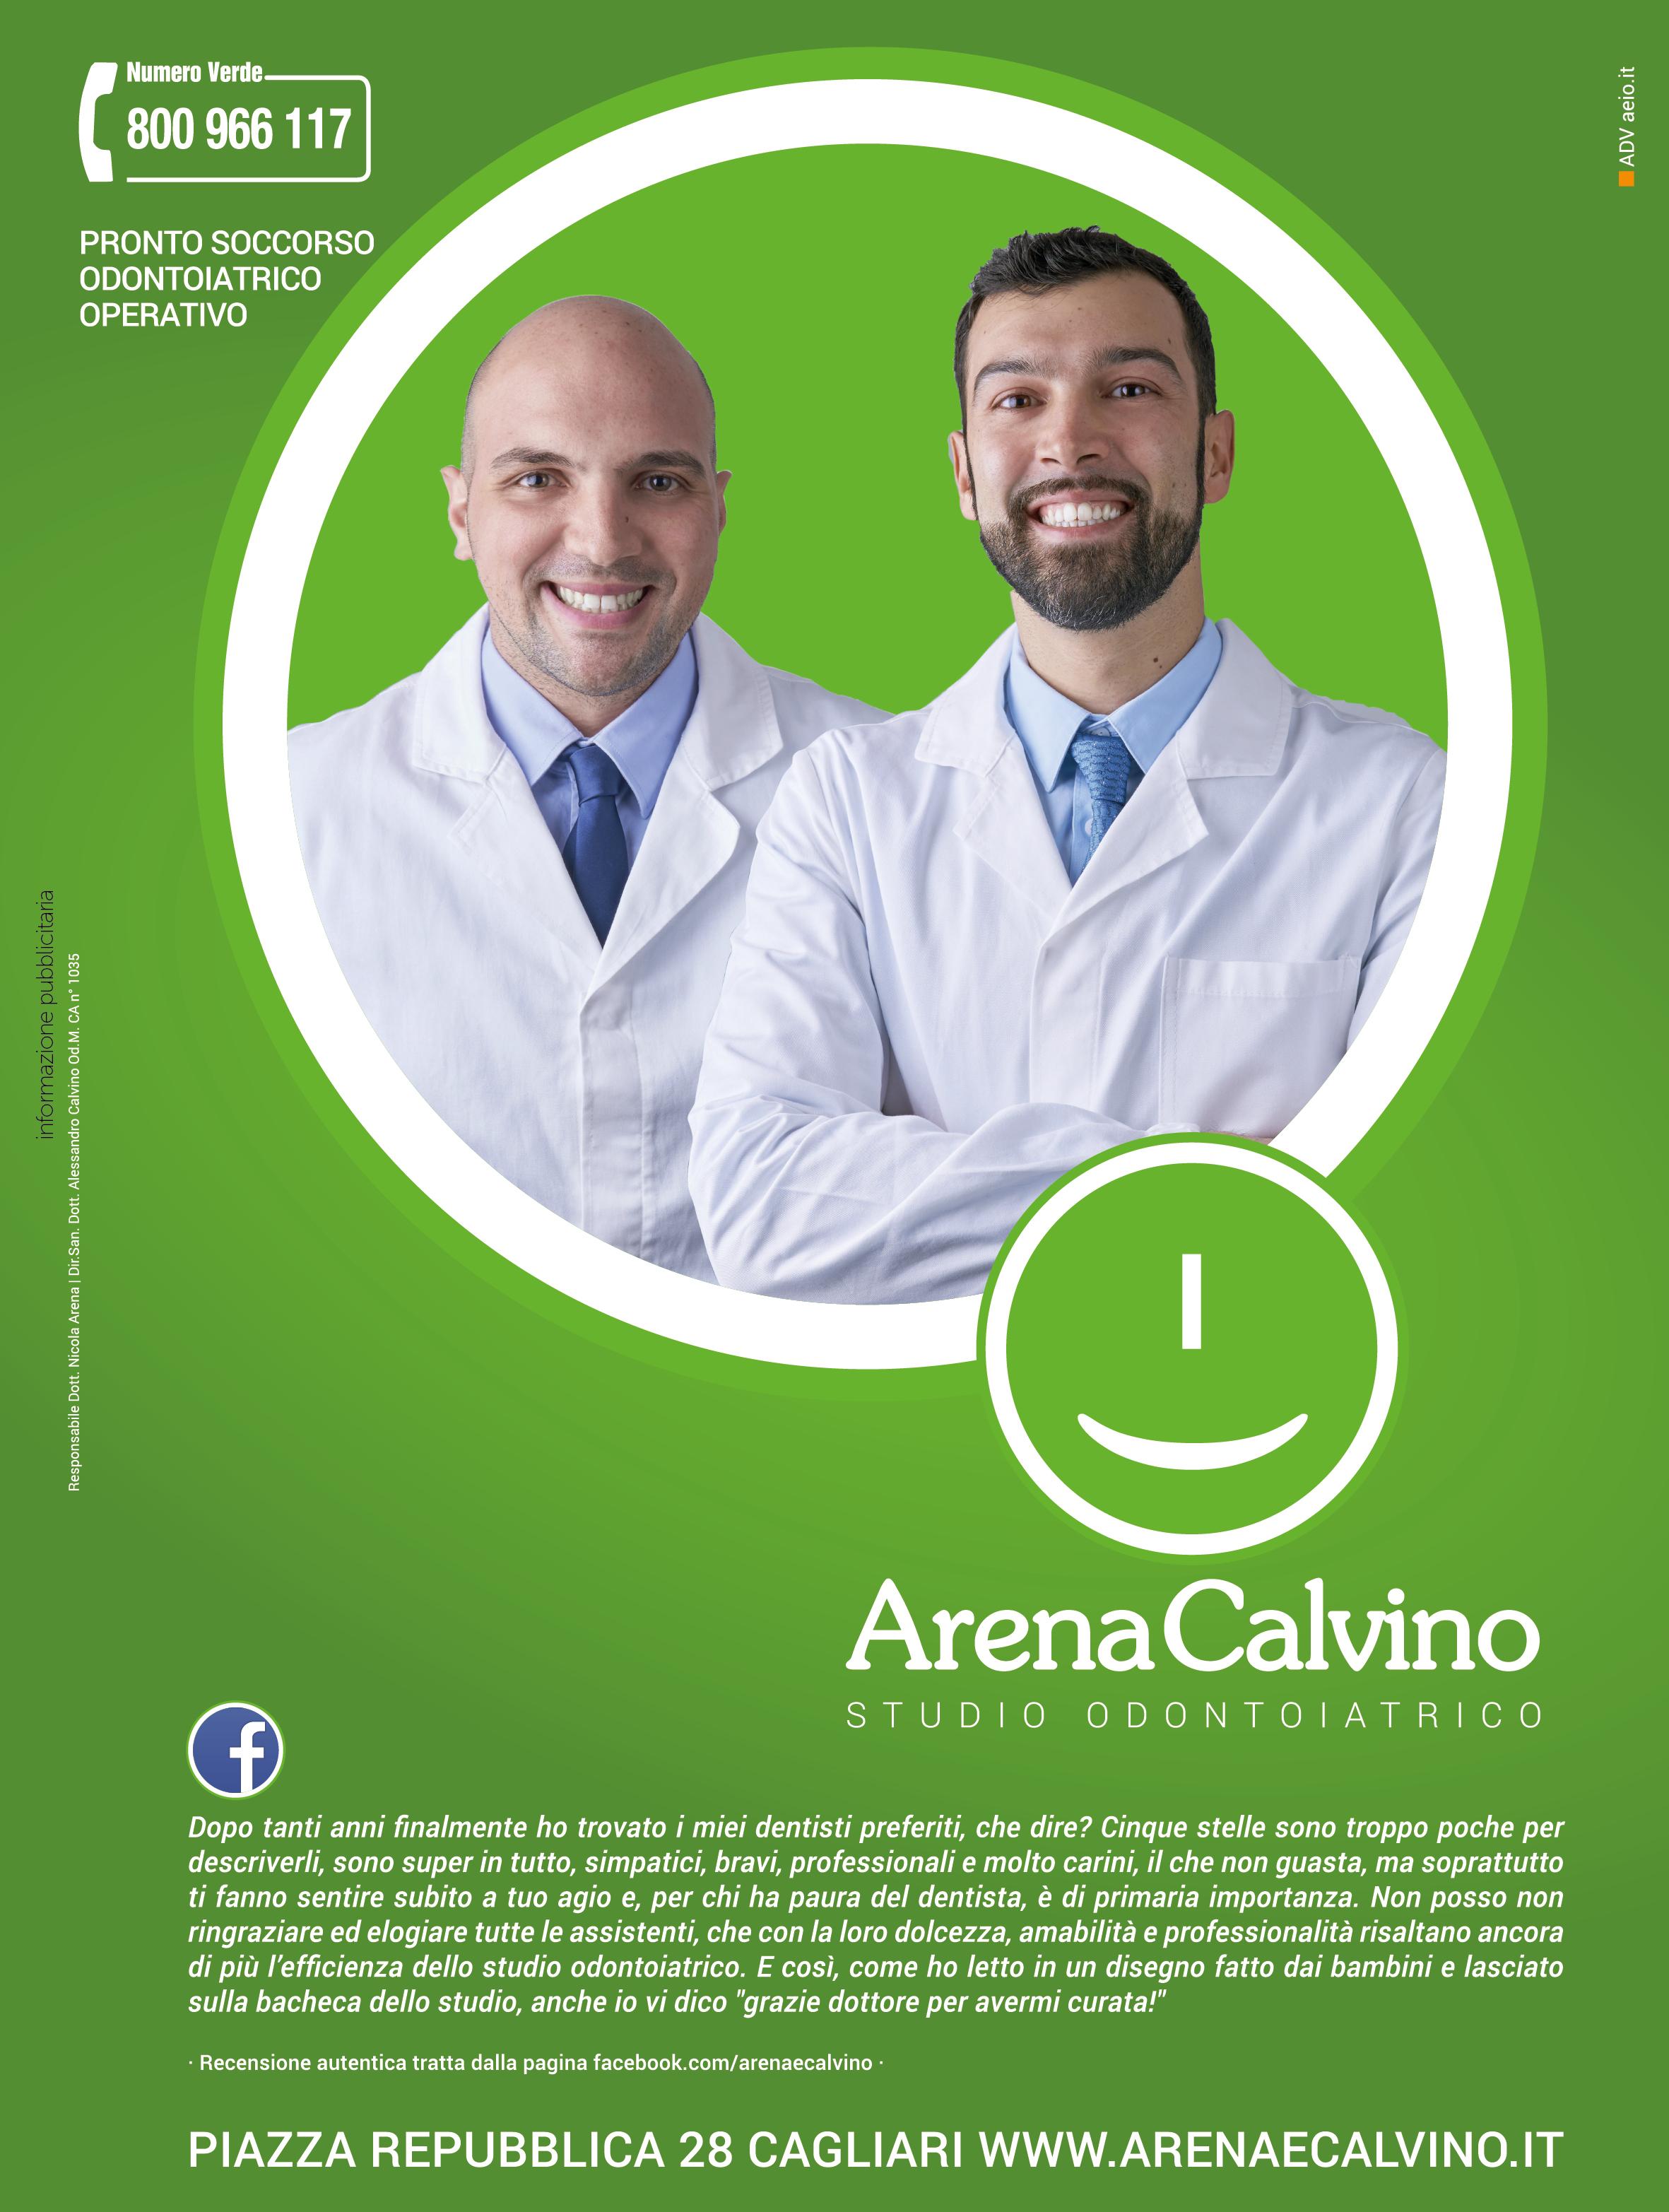 Studio Odontoiatrico Cagliari Arena e Calvino